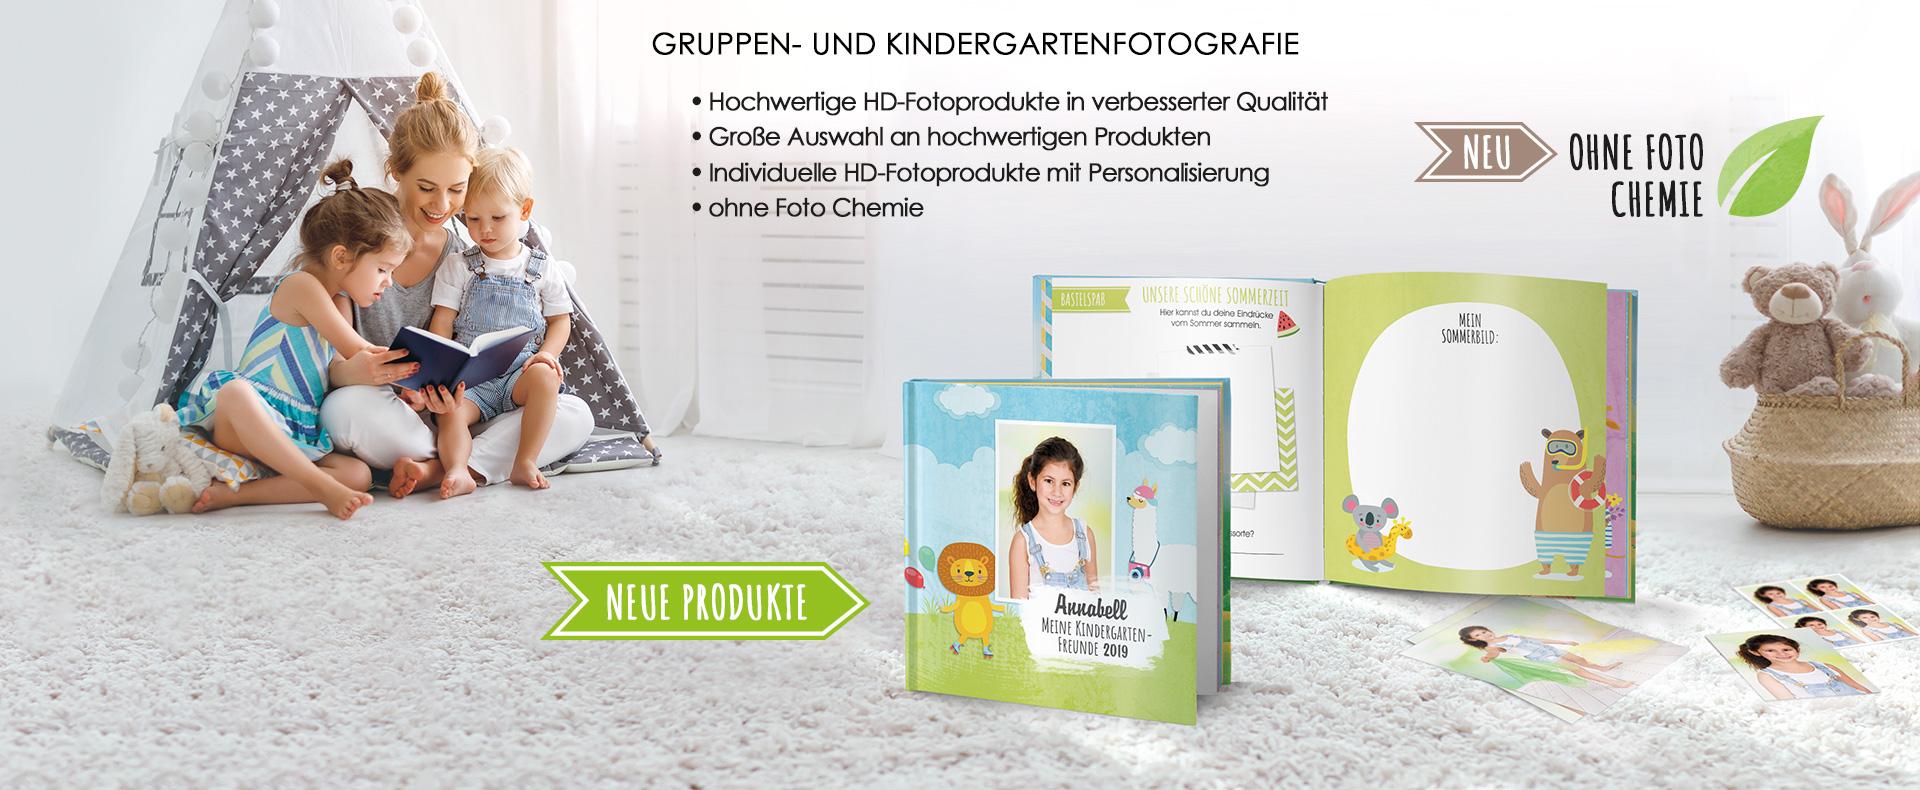 GRUPPEN- UND KINDERGARTENFOTOGRAFIE